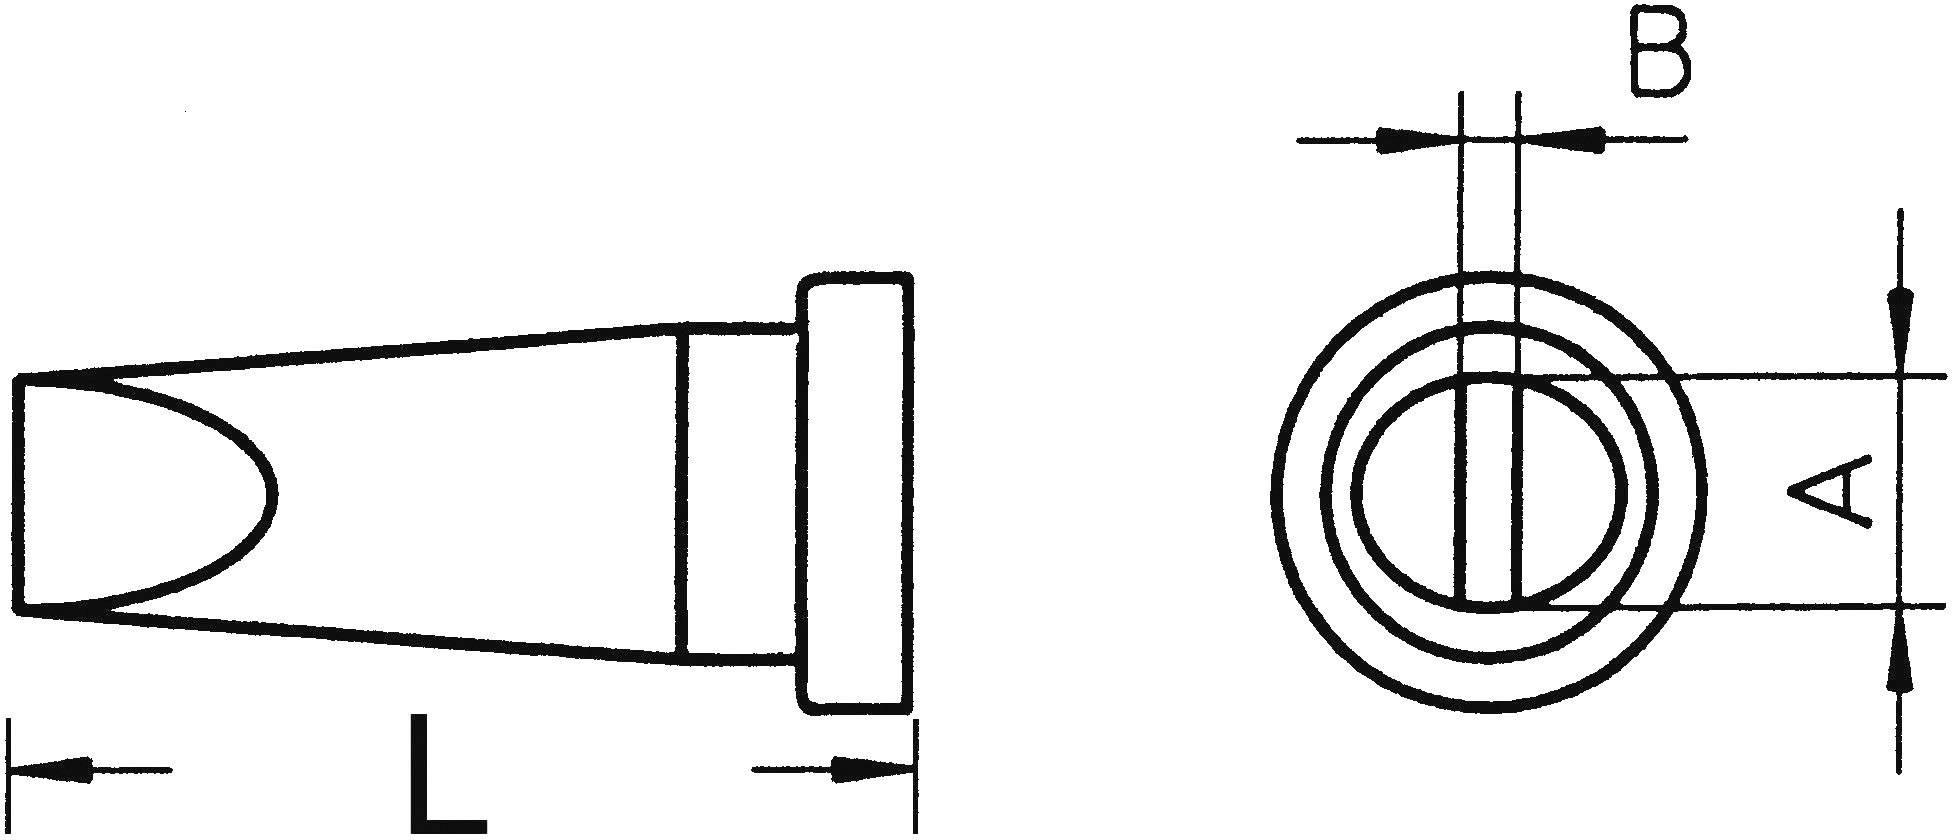 Spájkovací hrot dlátová forma, rovná Weller Professional LT-B, velikost hrotu 2.4 mm, 1 ks